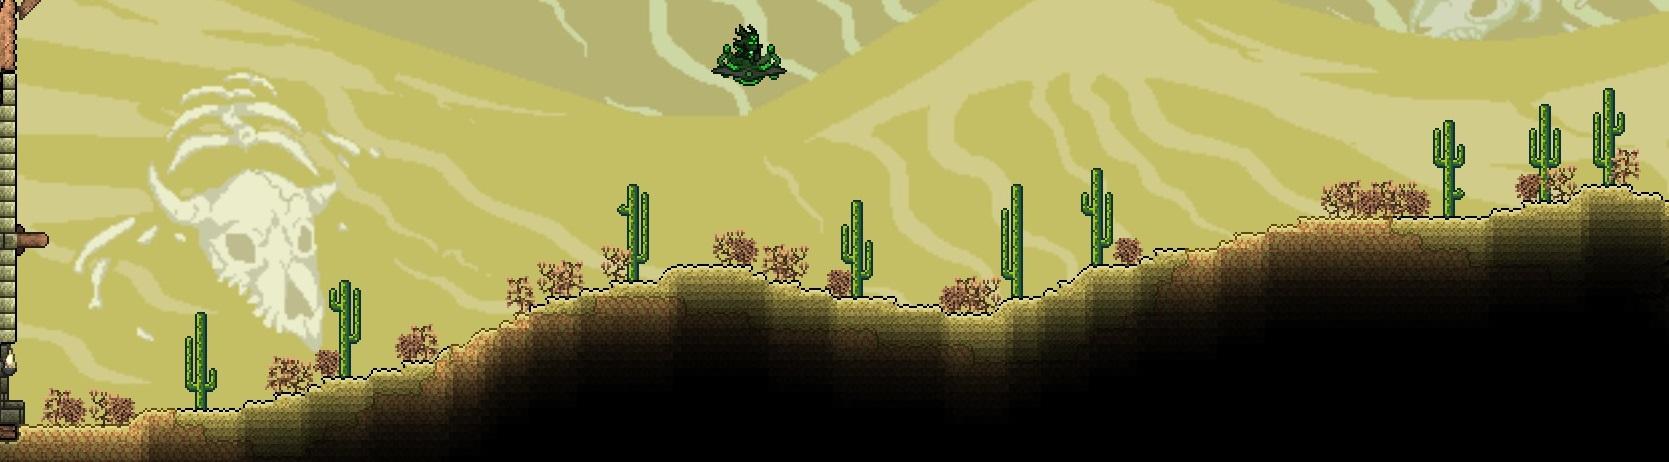 Desert Outpost 1.jpg